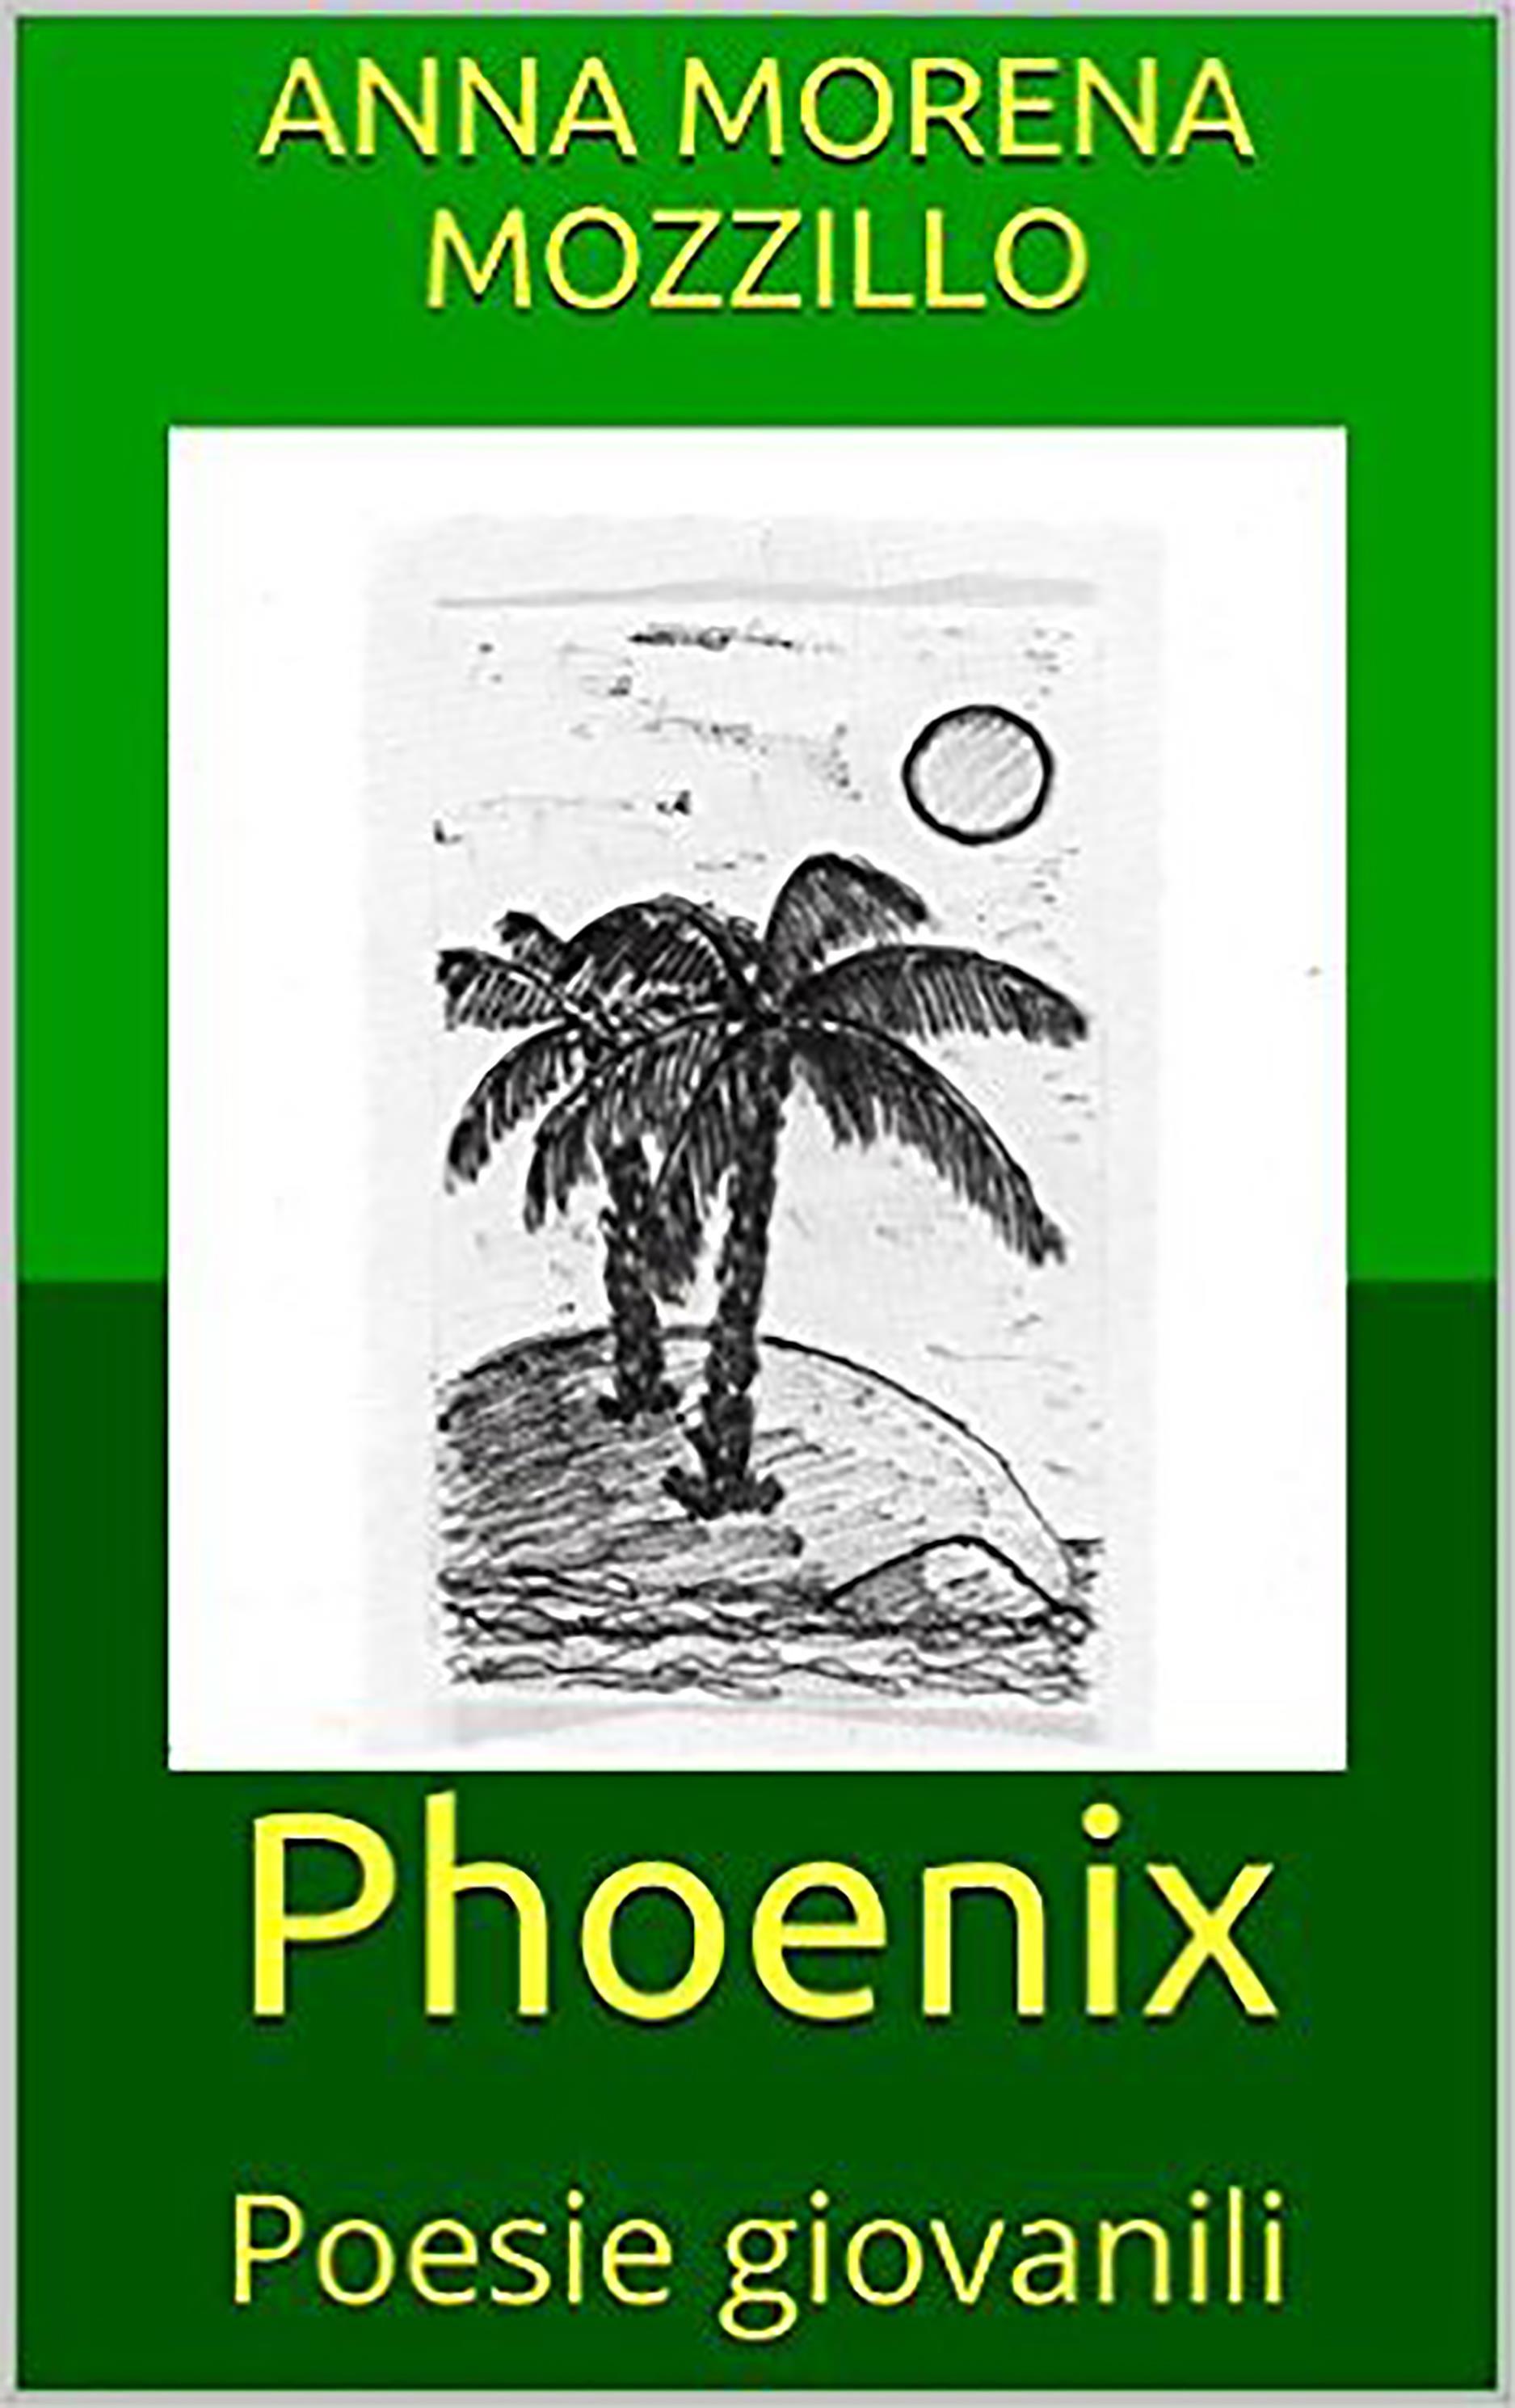 Phoenix - Poesie giovanili